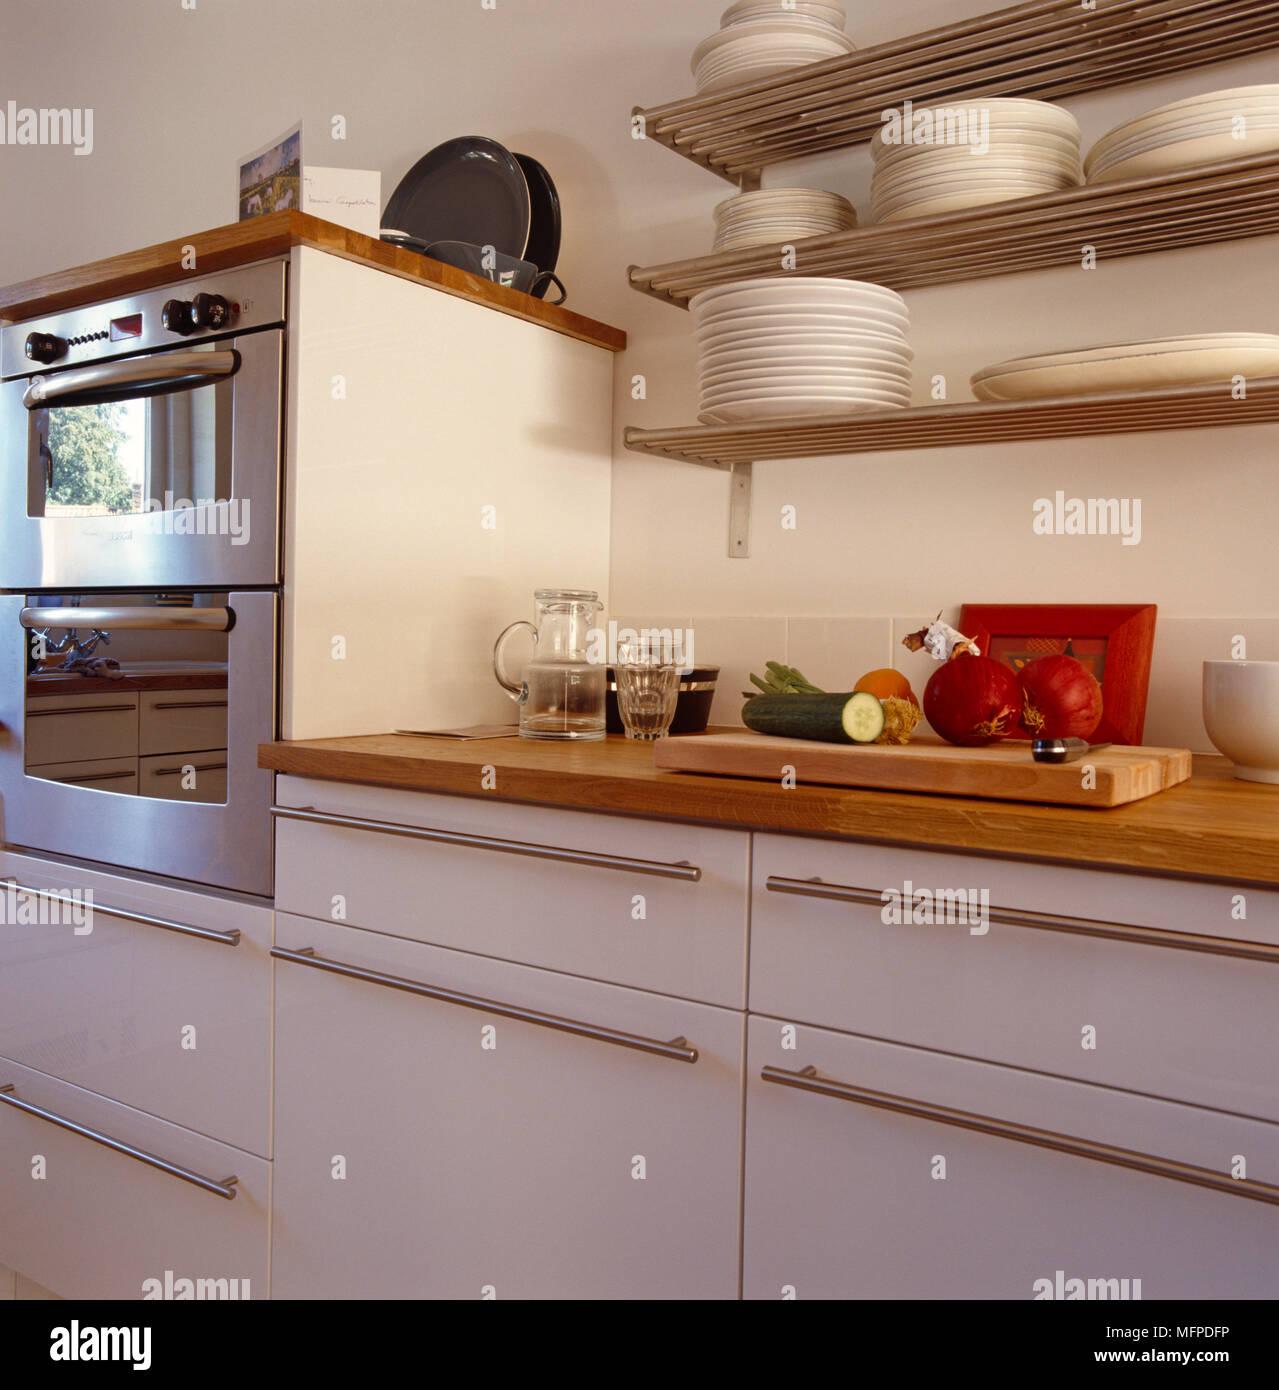 Großartig Kleine Küche Weißen Schränke Edelstahl Geräte .